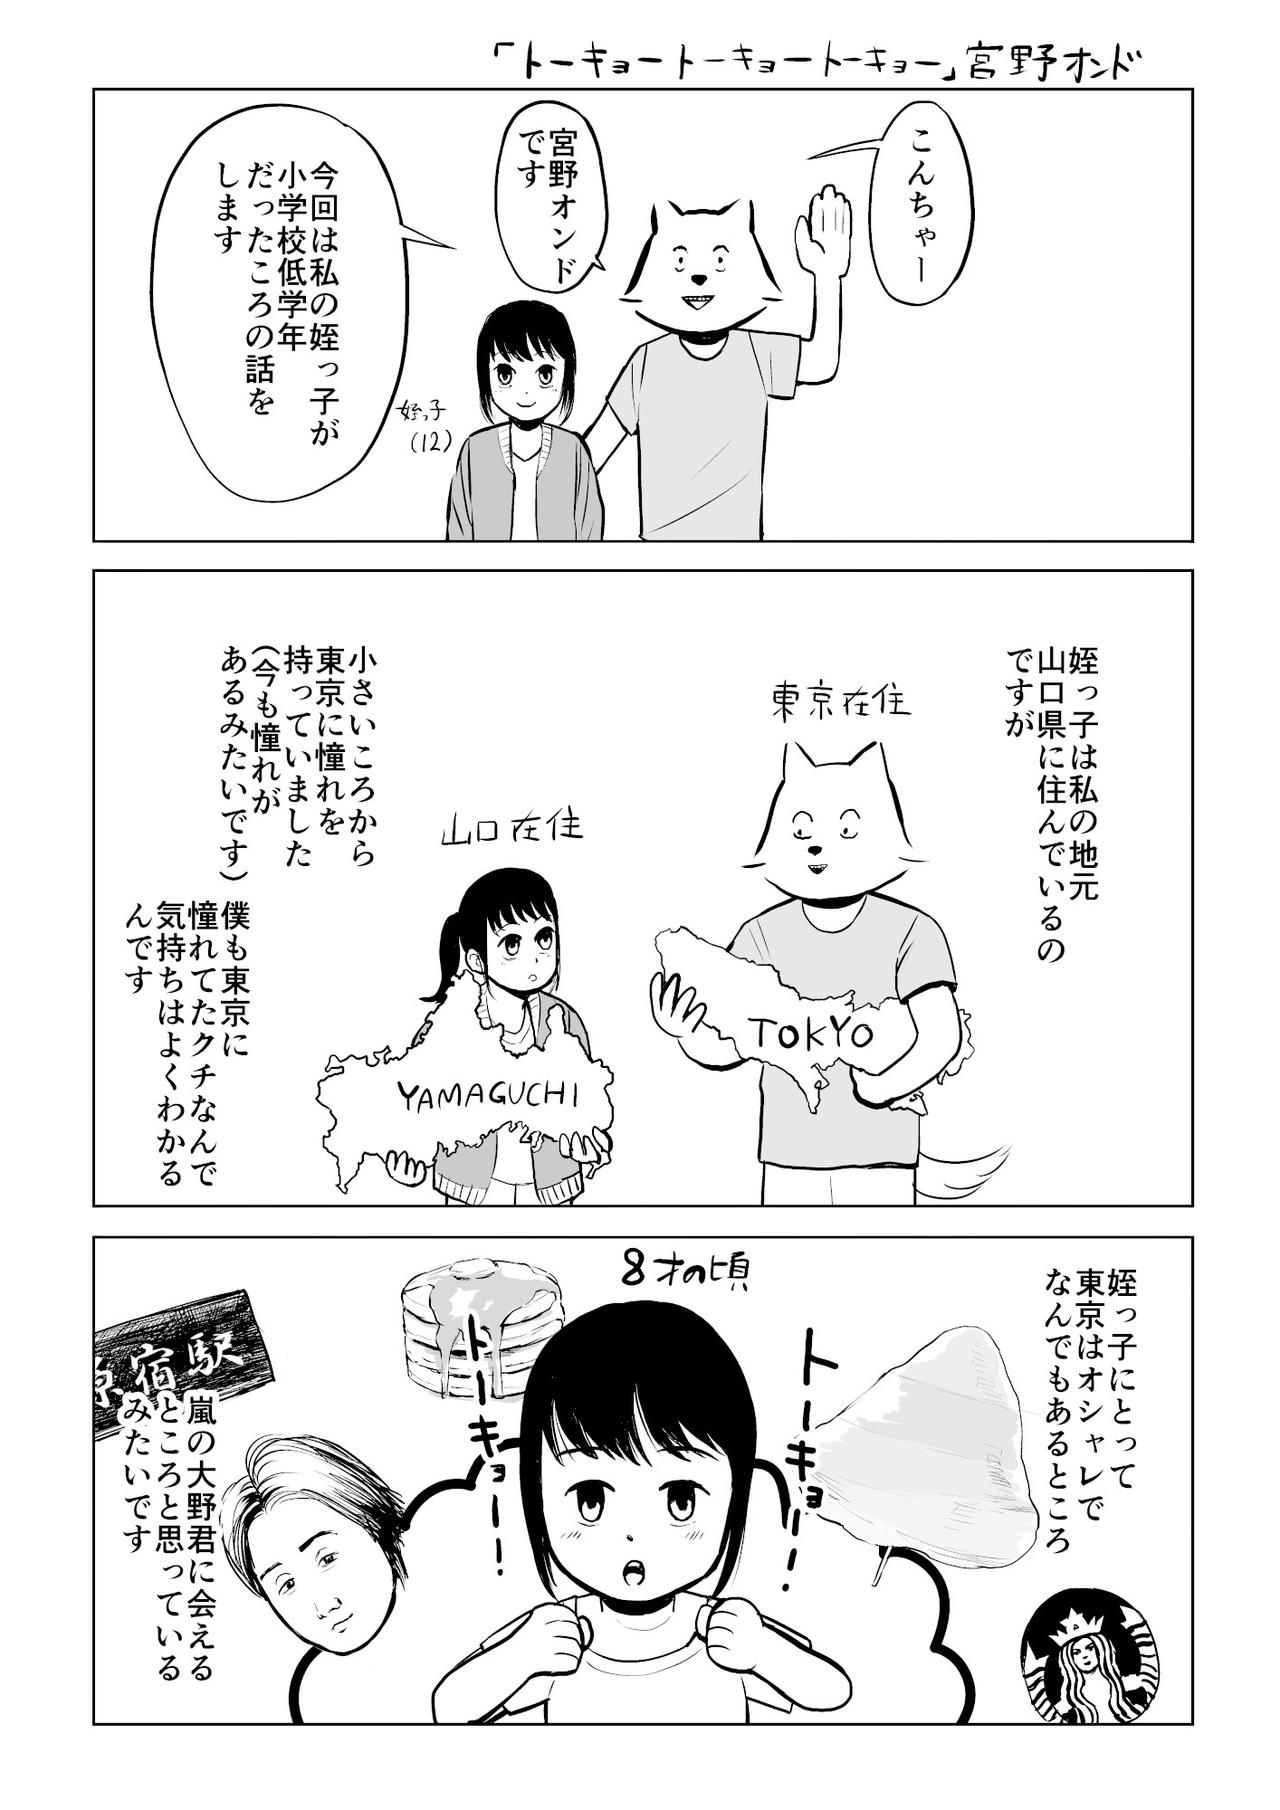 東京と姪っ子_001